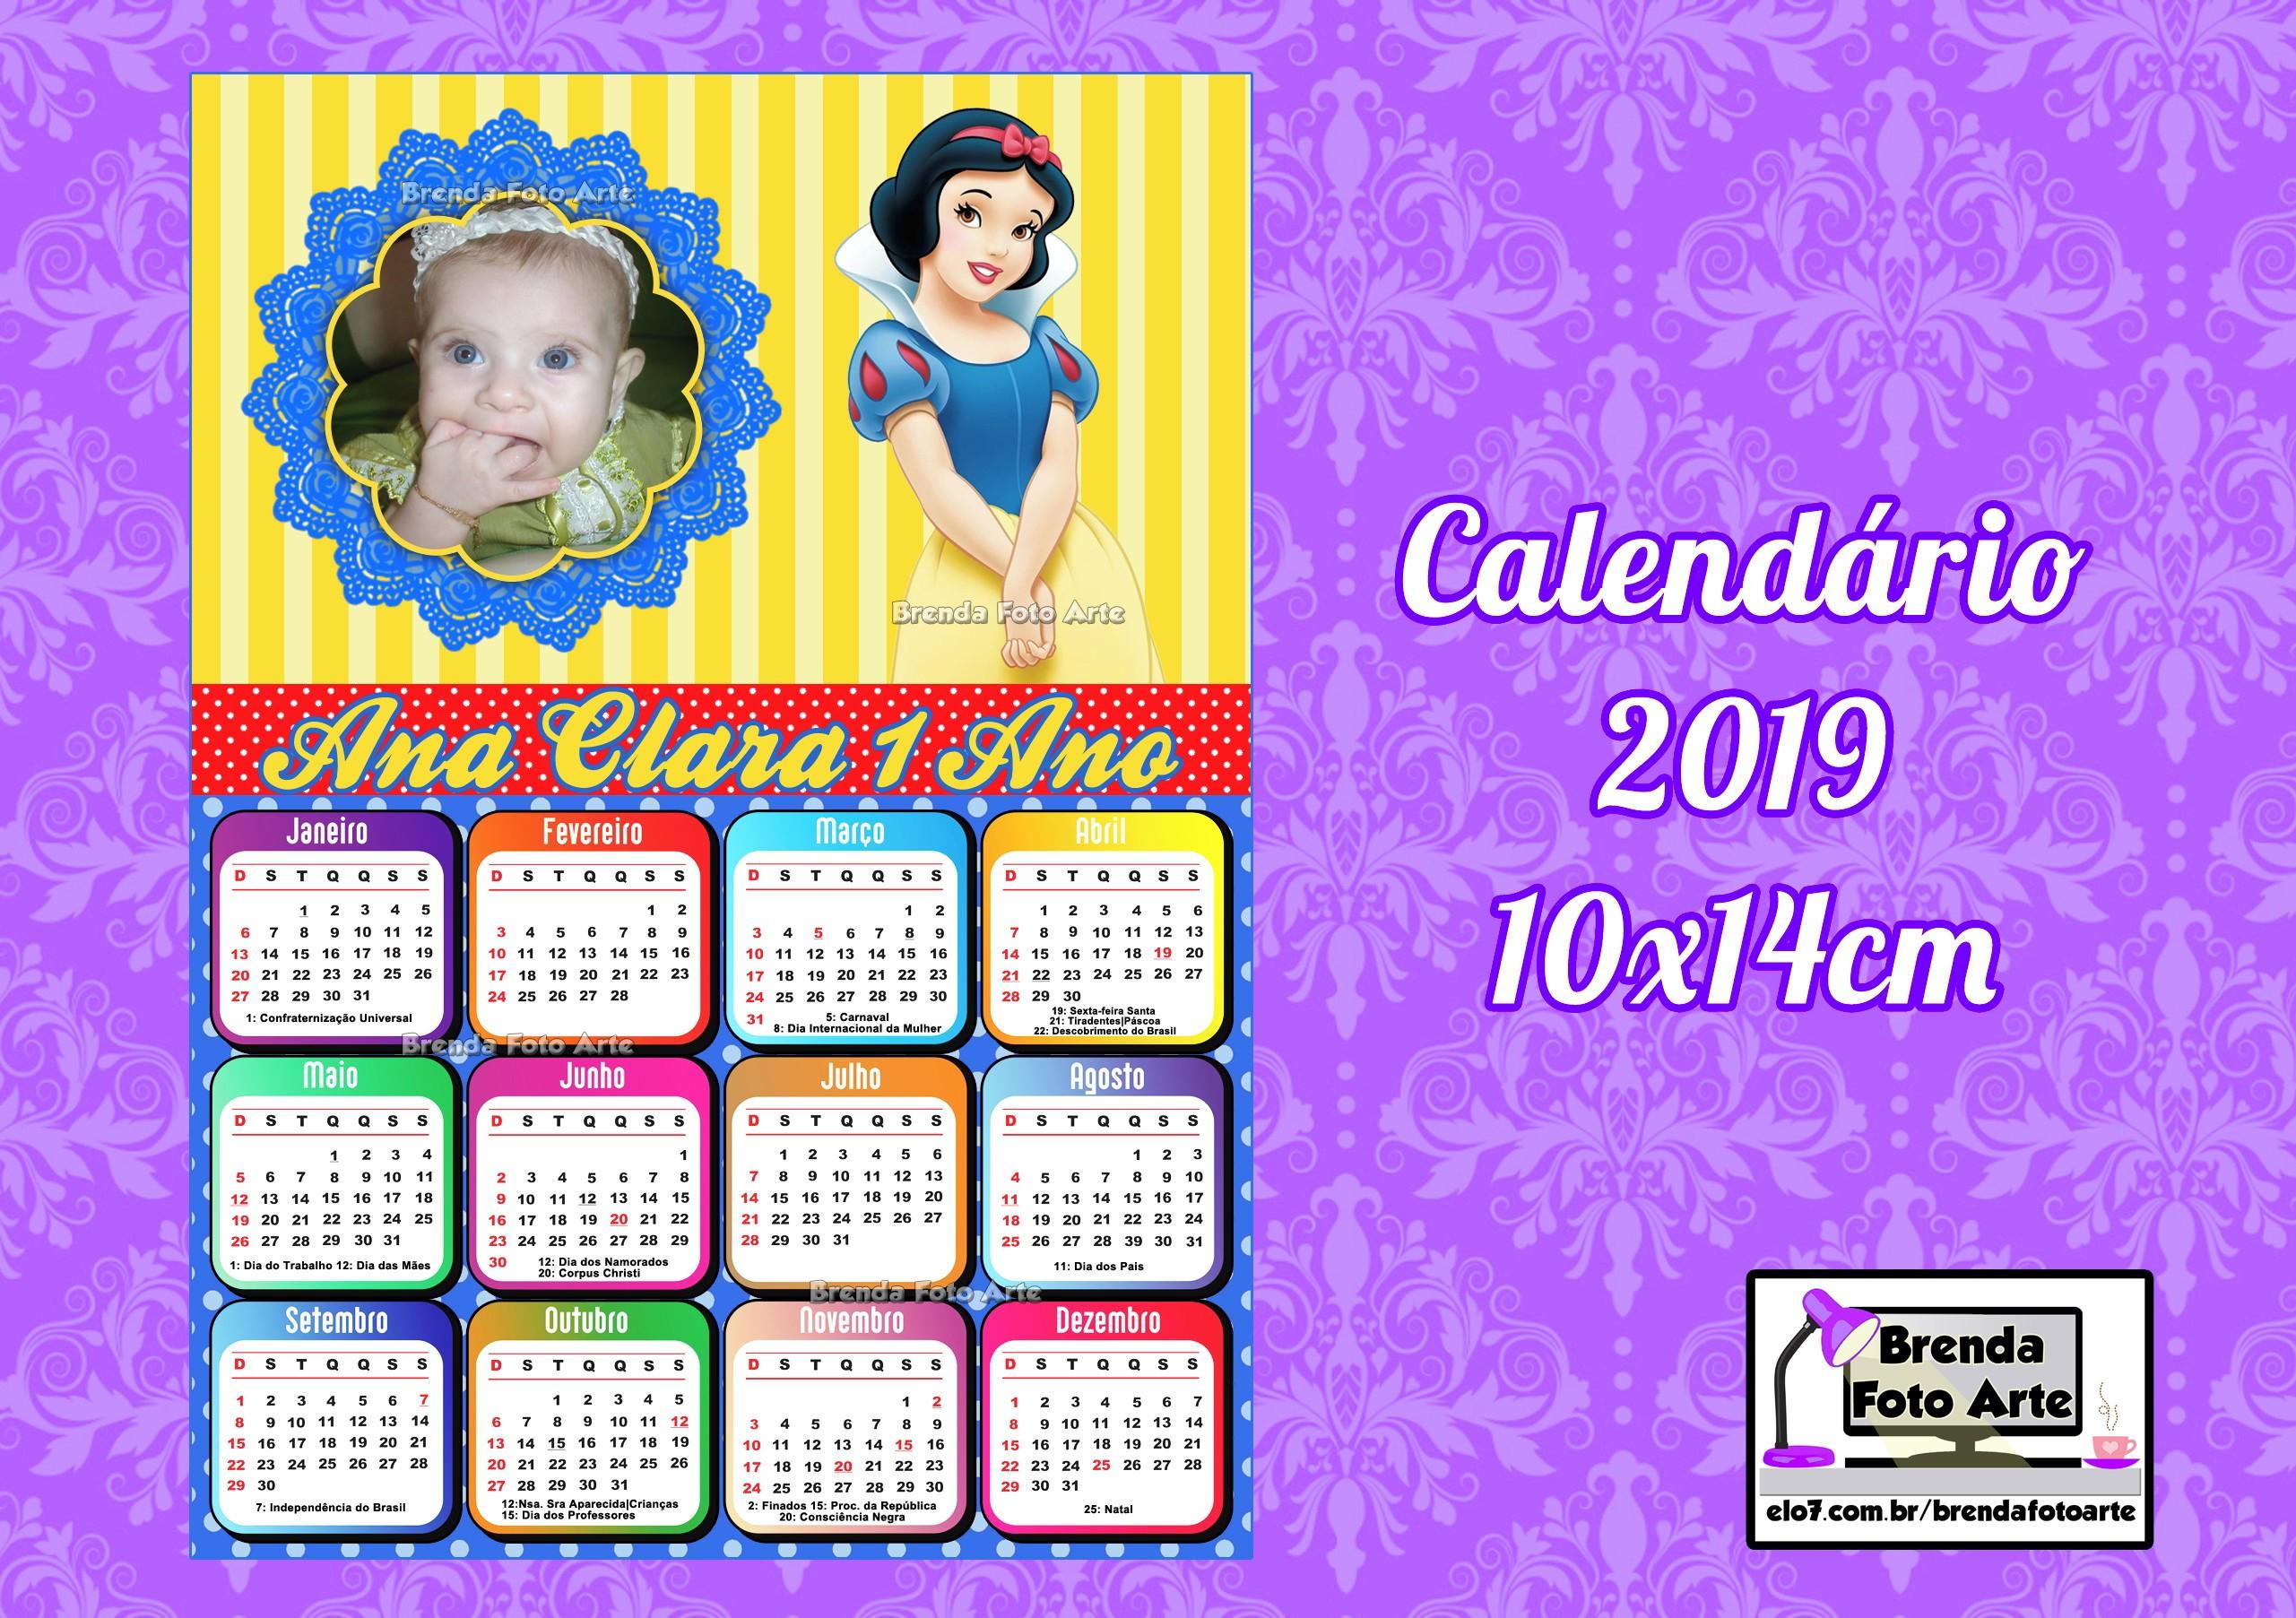 Calendario Mesa 2019 Imprimir Gratis Más Reciente Calendário 2019 Of Calendario Mesa 2019 Imprimir Gratis Más Recientes Calendário 2019